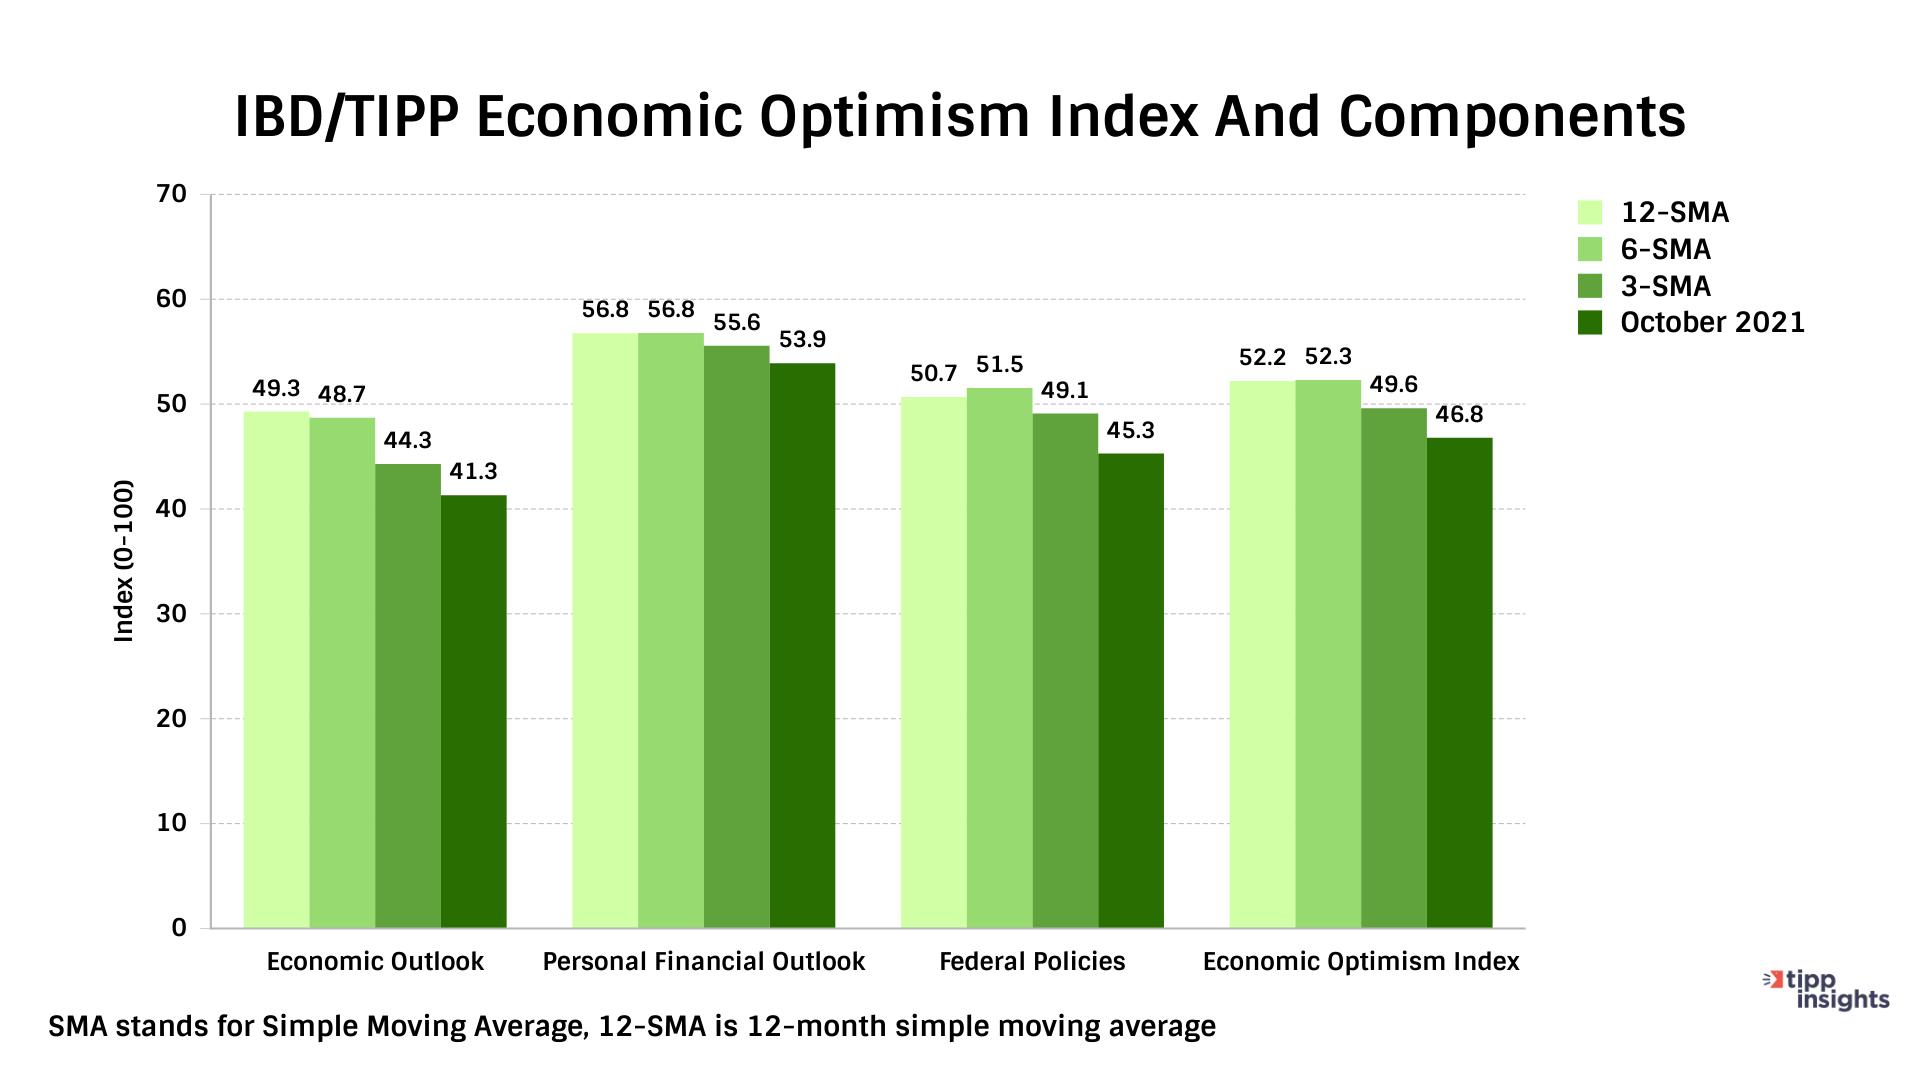 IBD/TIPP Economic Optimism Index 12 month simple moving average